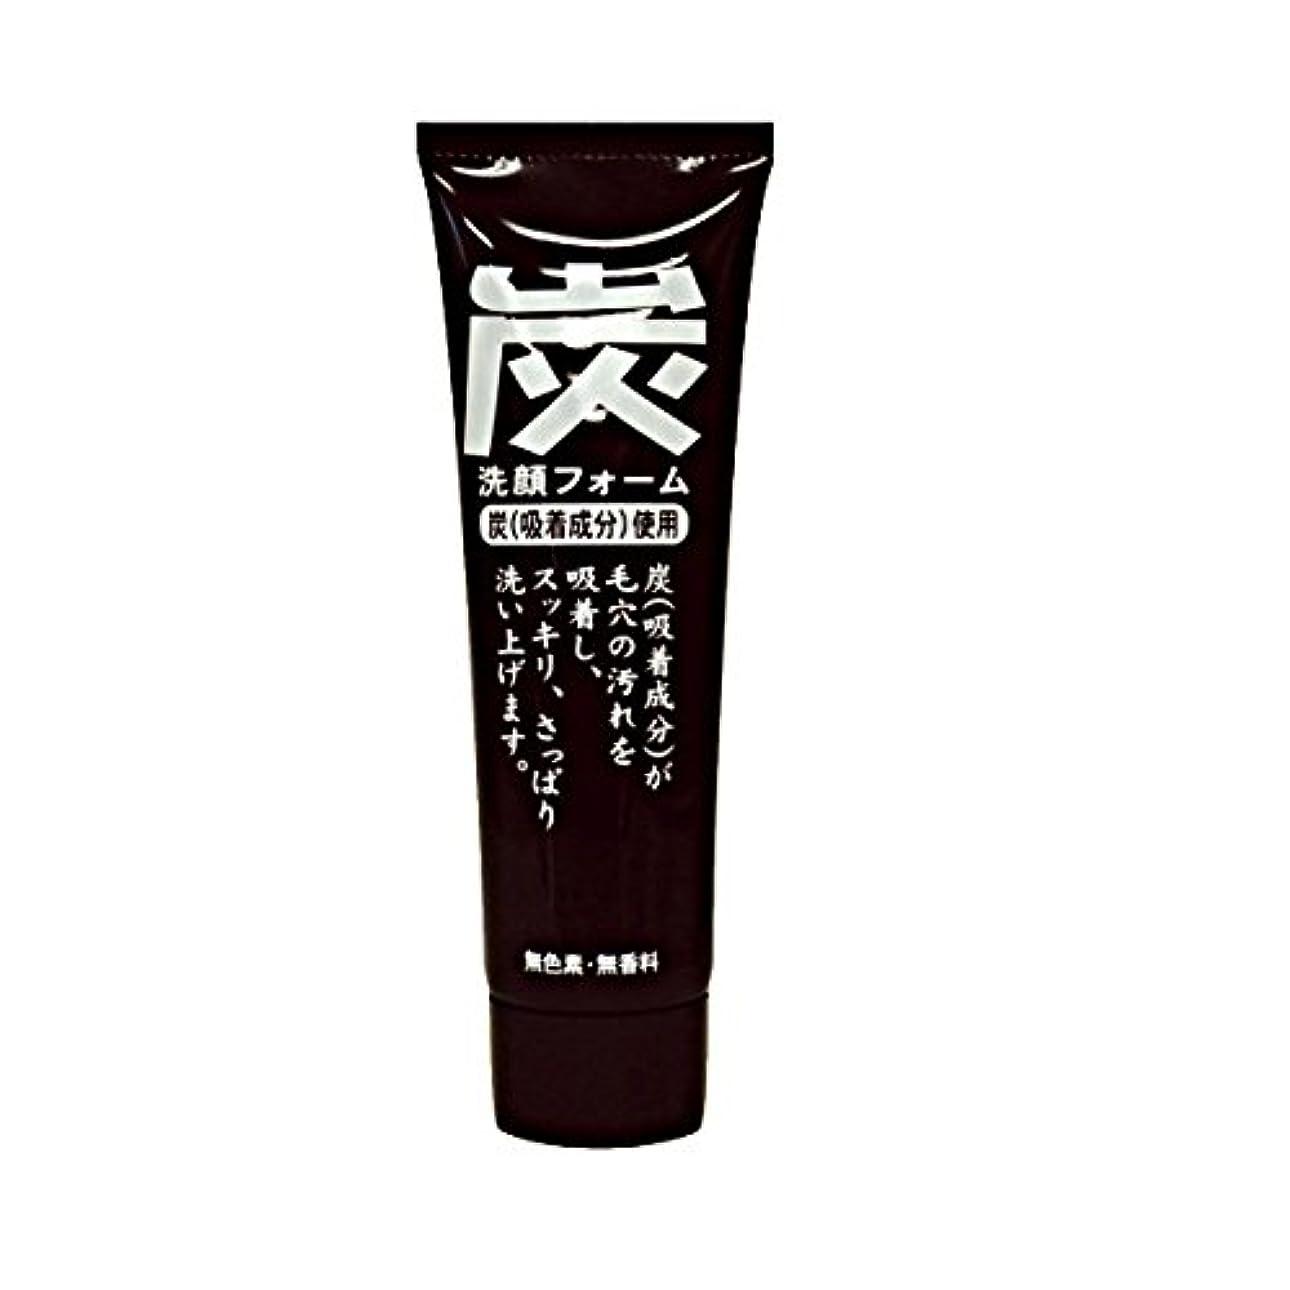 グリル申請者める純ケミファ 炭 ジュンラブ MC洗顔フォーム 120g